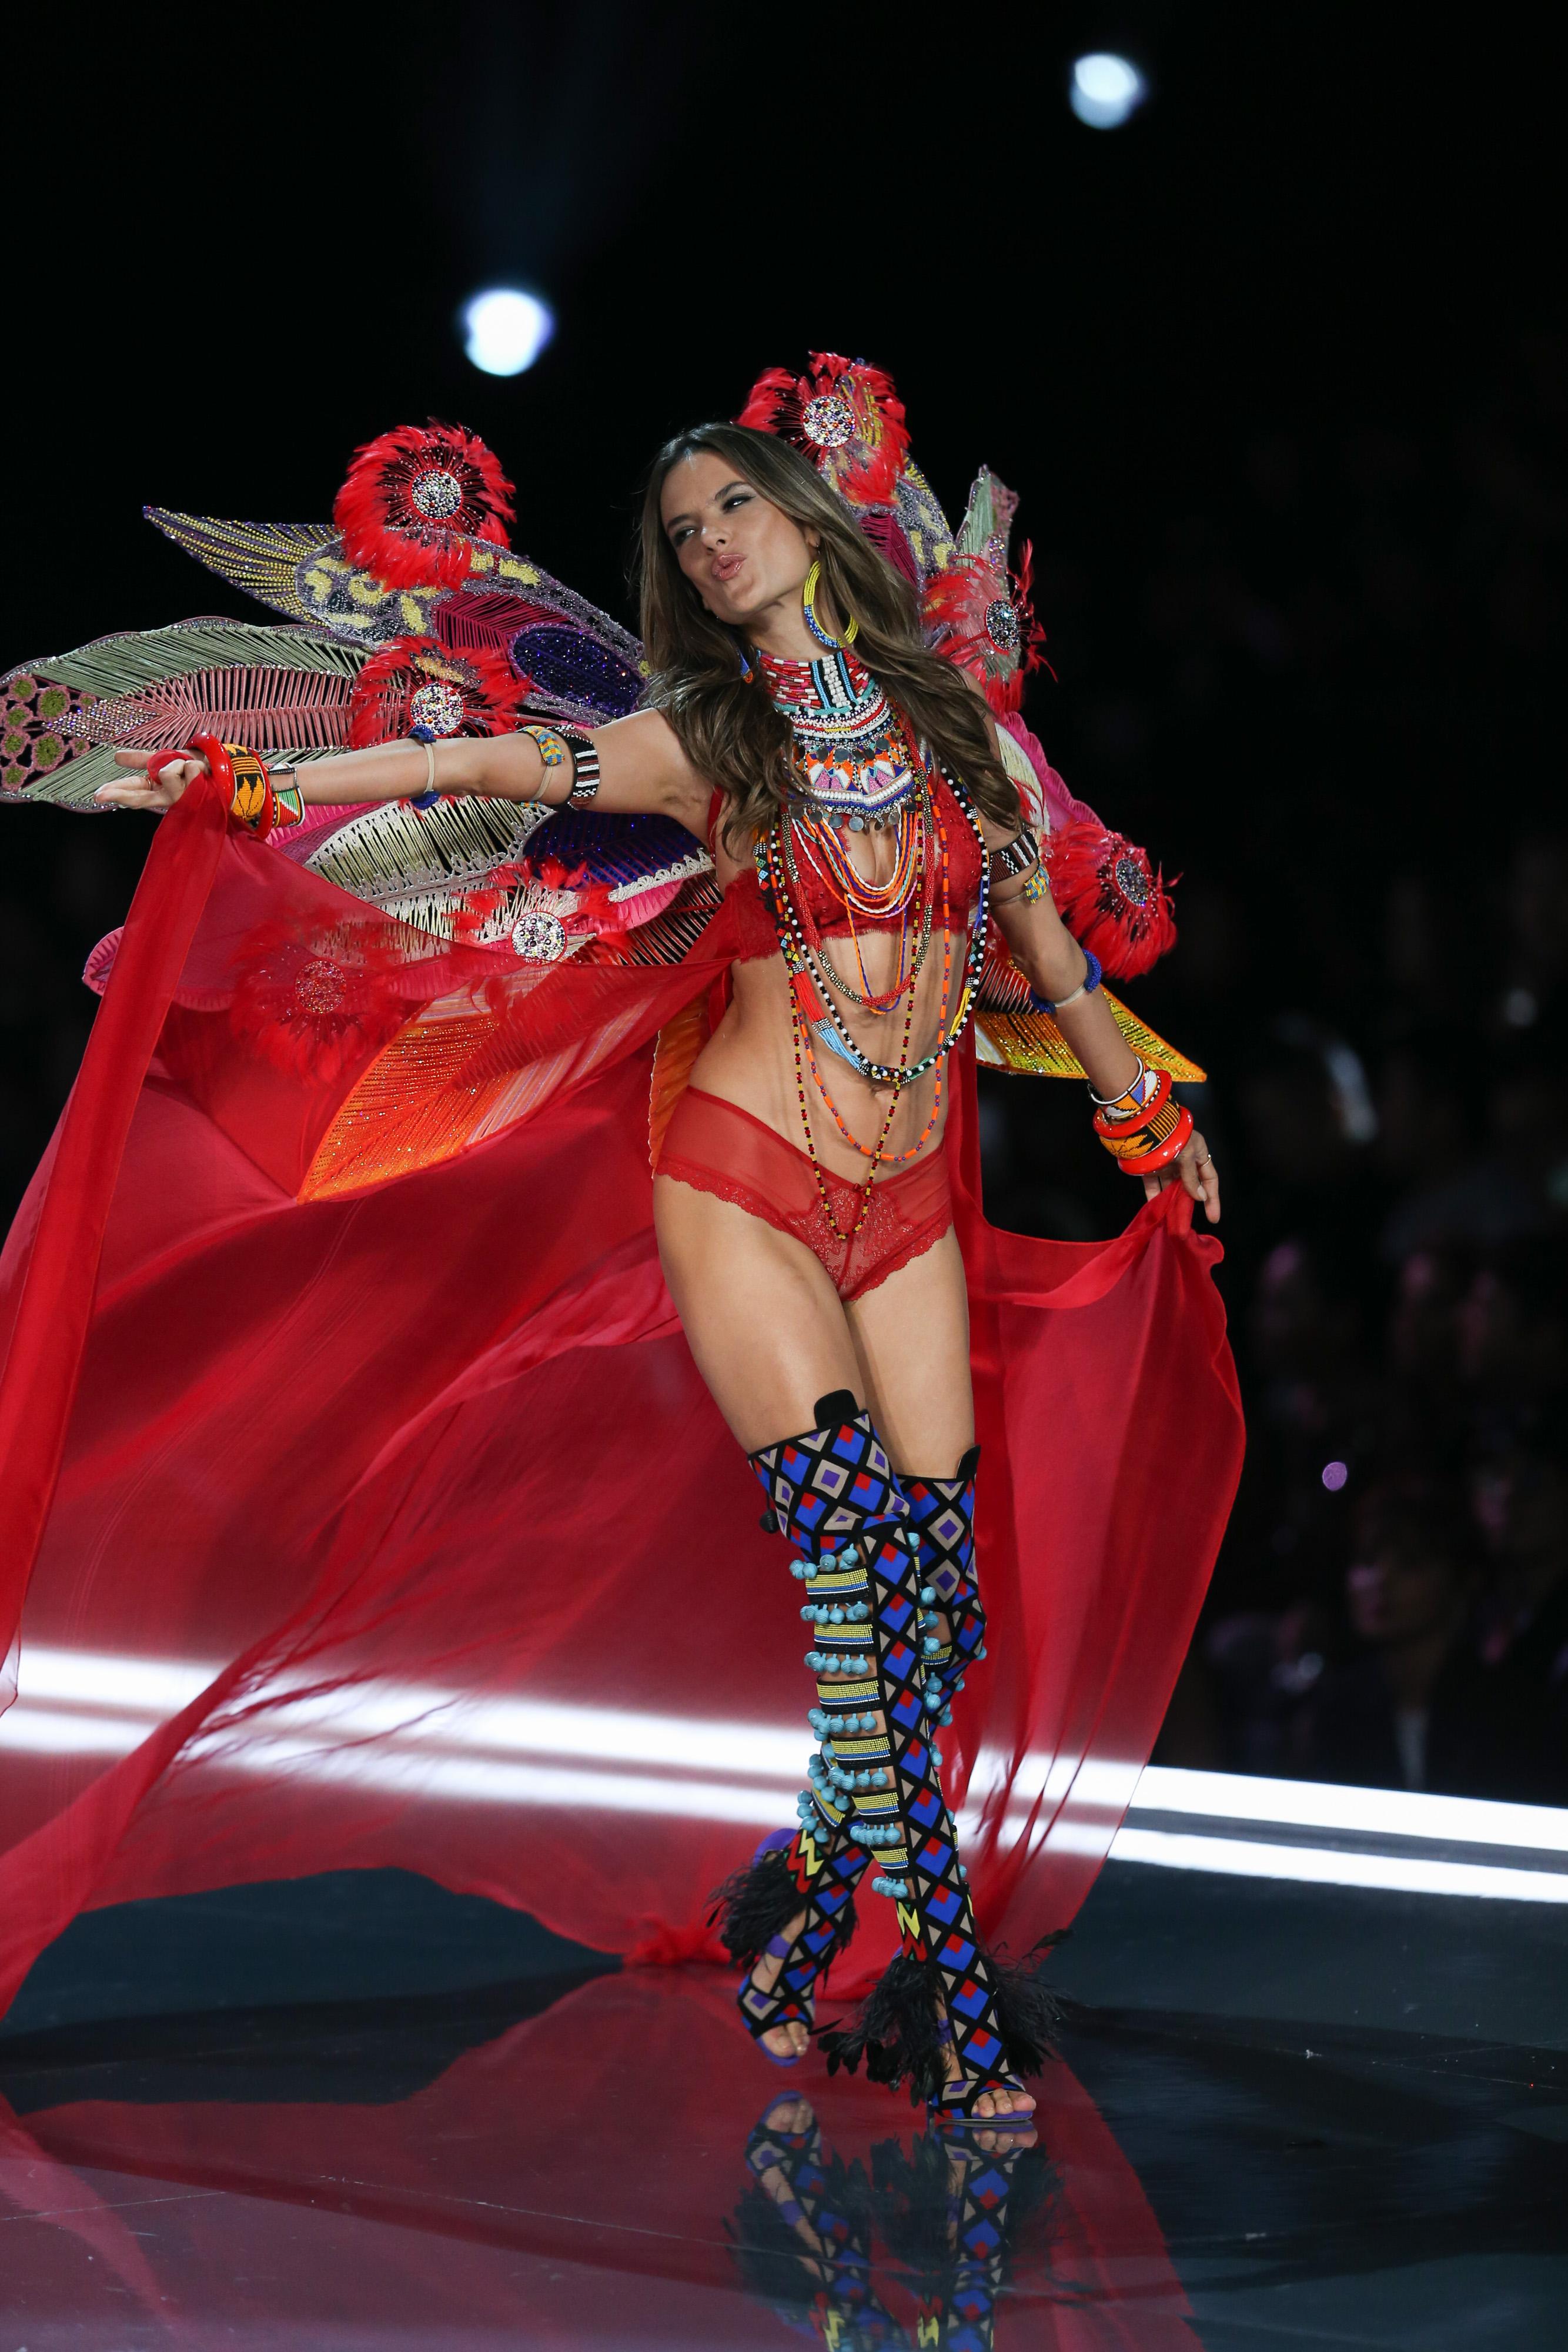 Алесандра Амброзио сваля крилата на Victoria's Secret